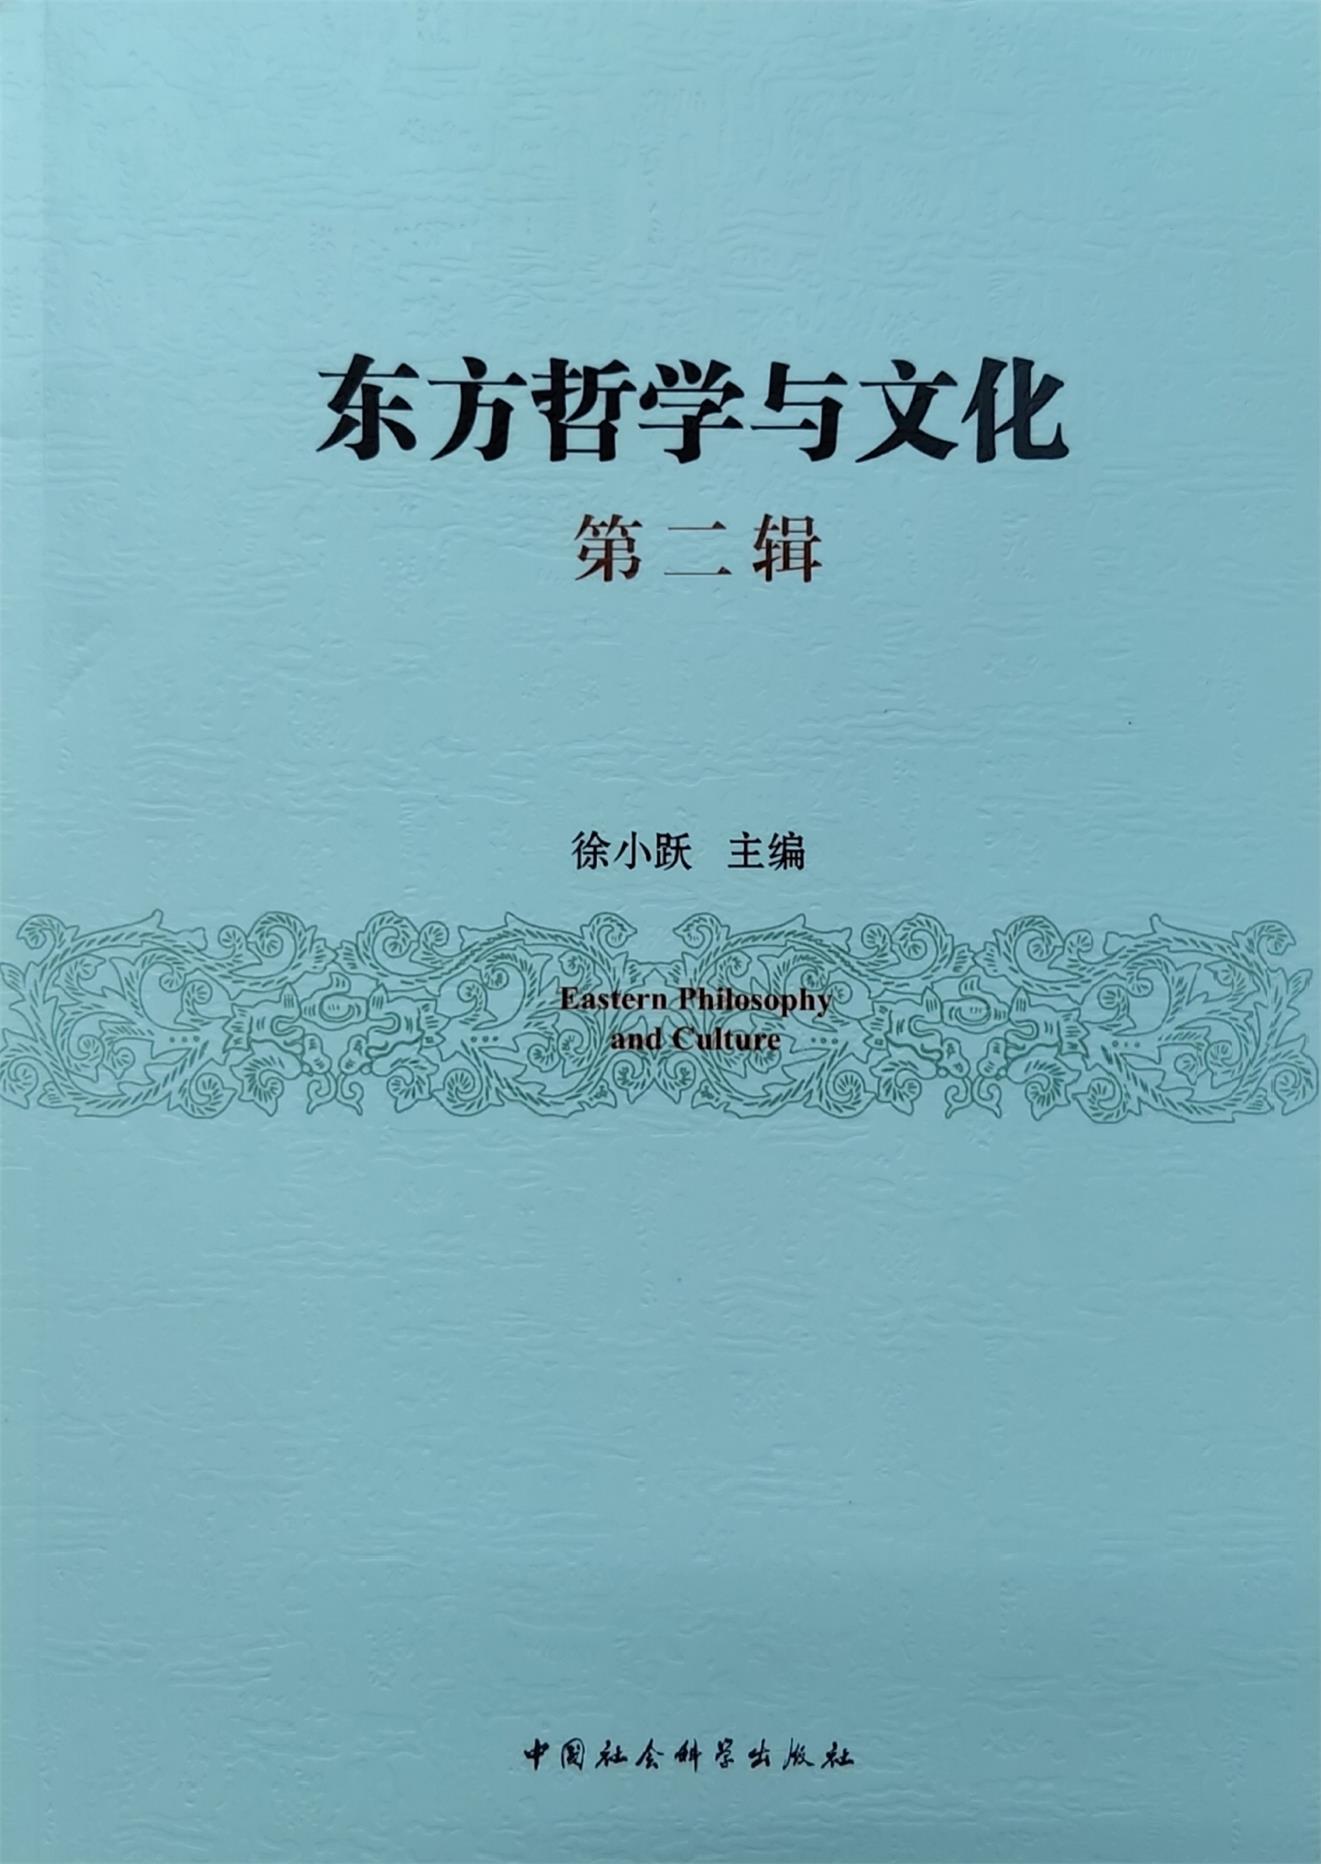 《东方哲学与文化》第二辑出版